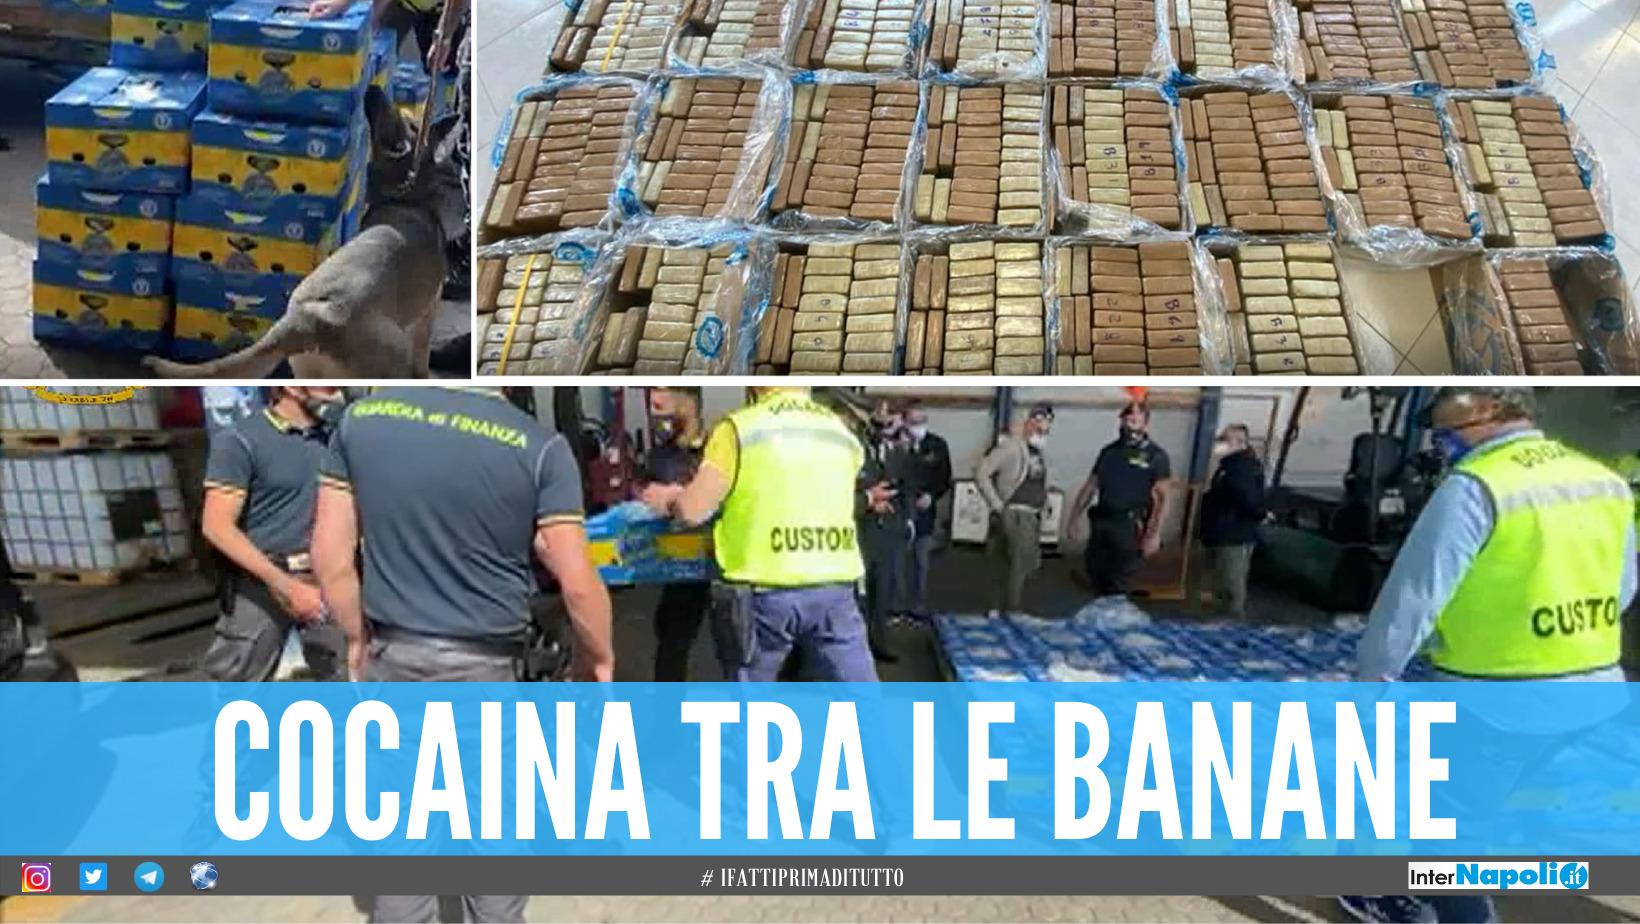 Gioia Tauro, una tonnellata di coca nella banane dell'Ecuador